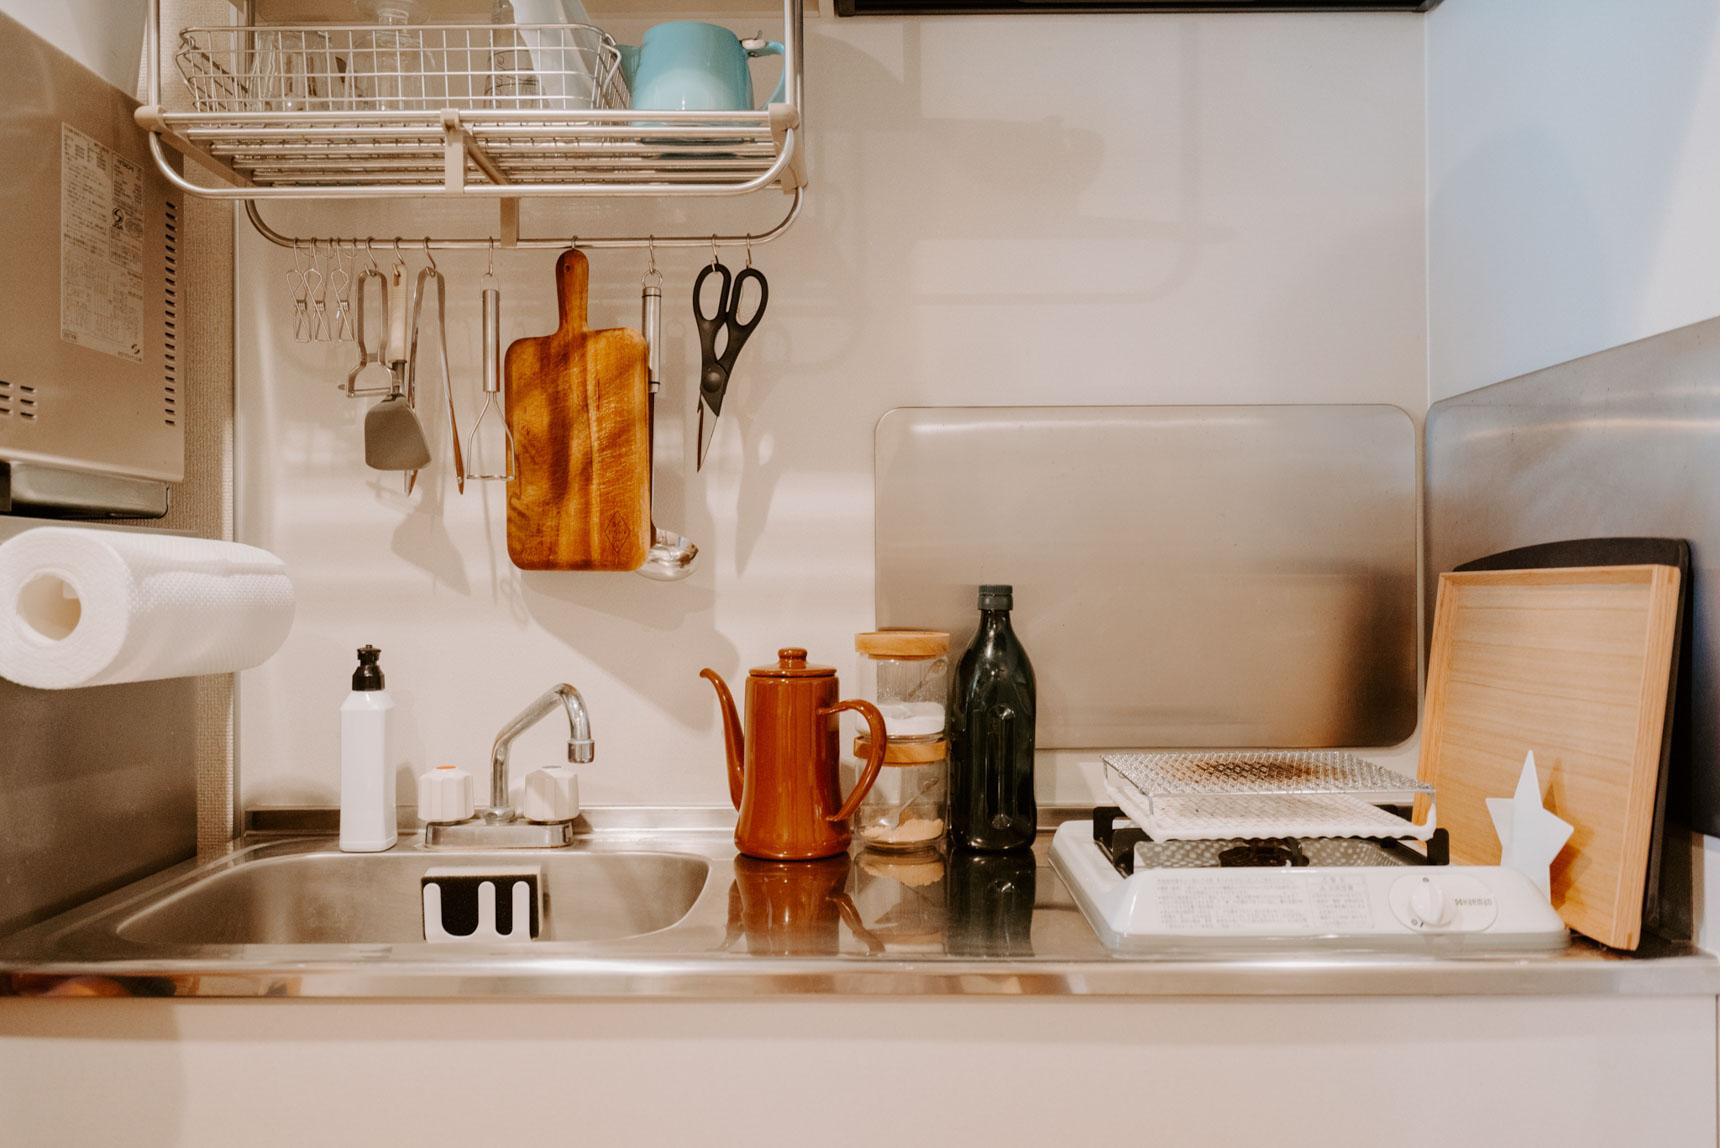 キッチンもご覧の通り、スッキリ。ひとつひとつのものに「定位置」が作られているのがわかります。